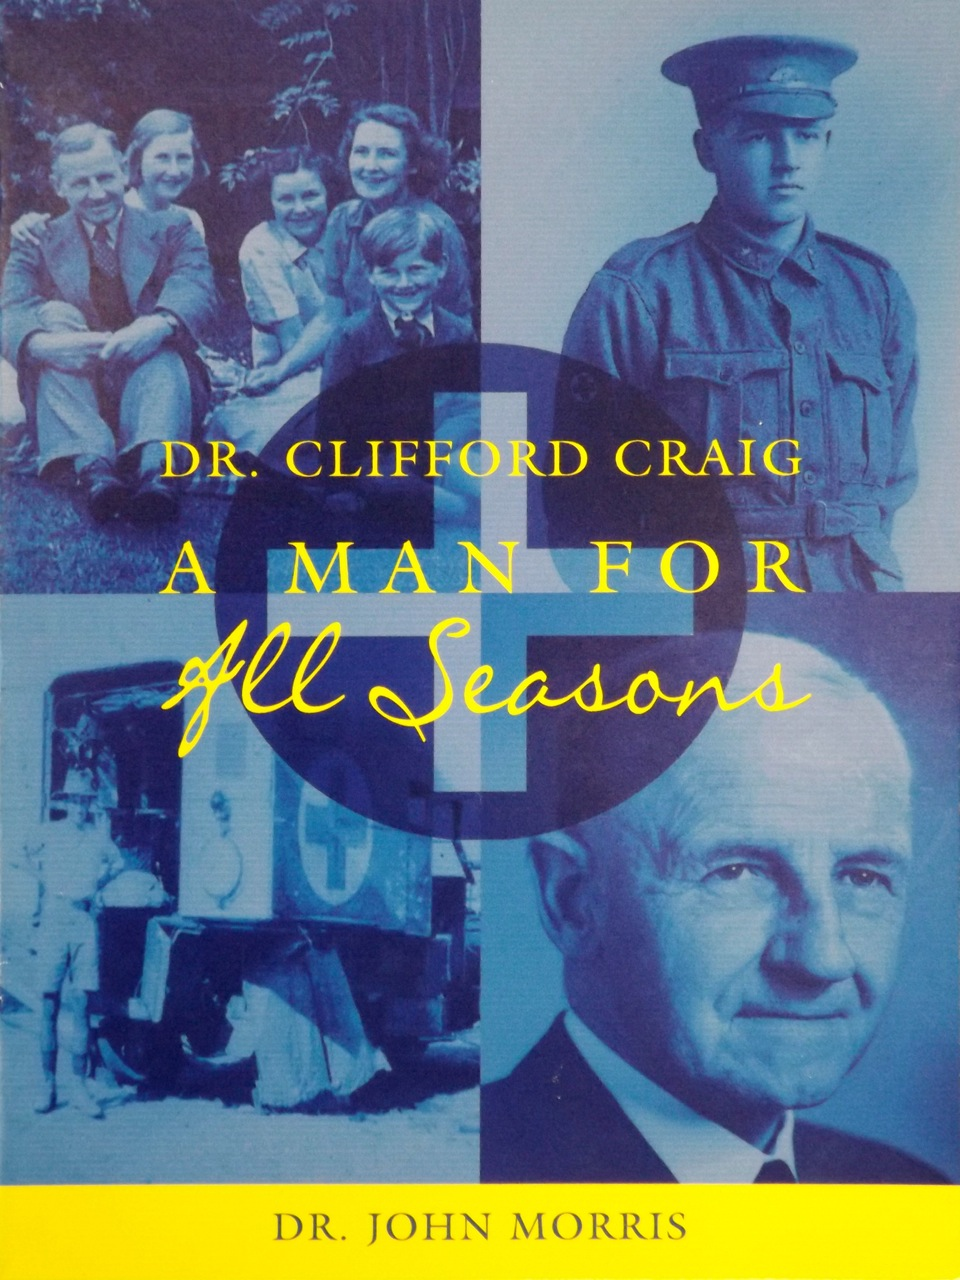 DR CLIFFORD CRAIG. A Man For All Seasons. - Book design